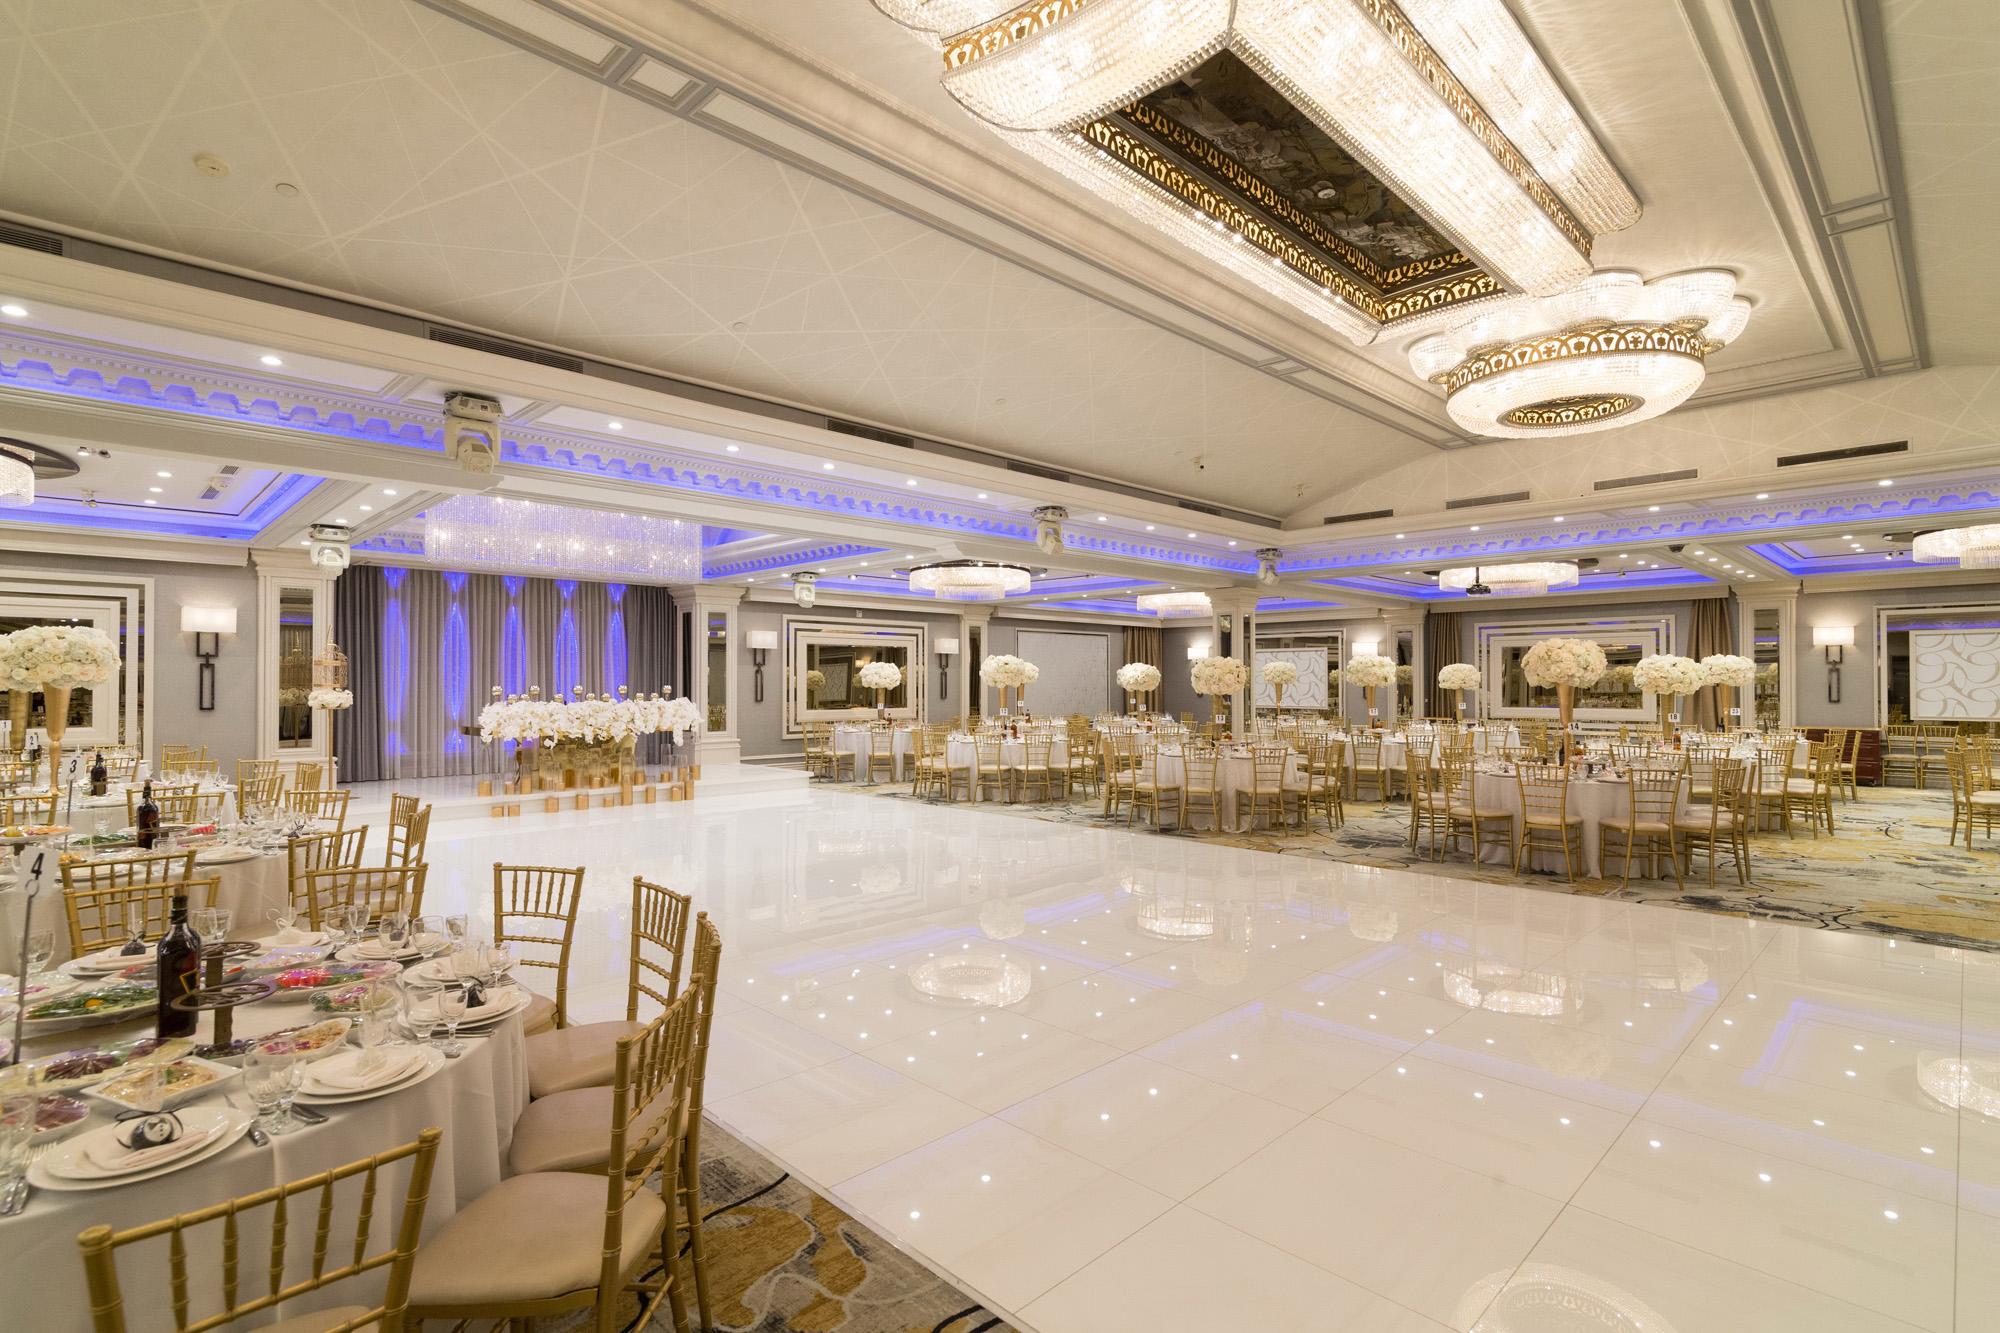 Contemporary Event & Wedding Venues in Glendale CA Glenoaks